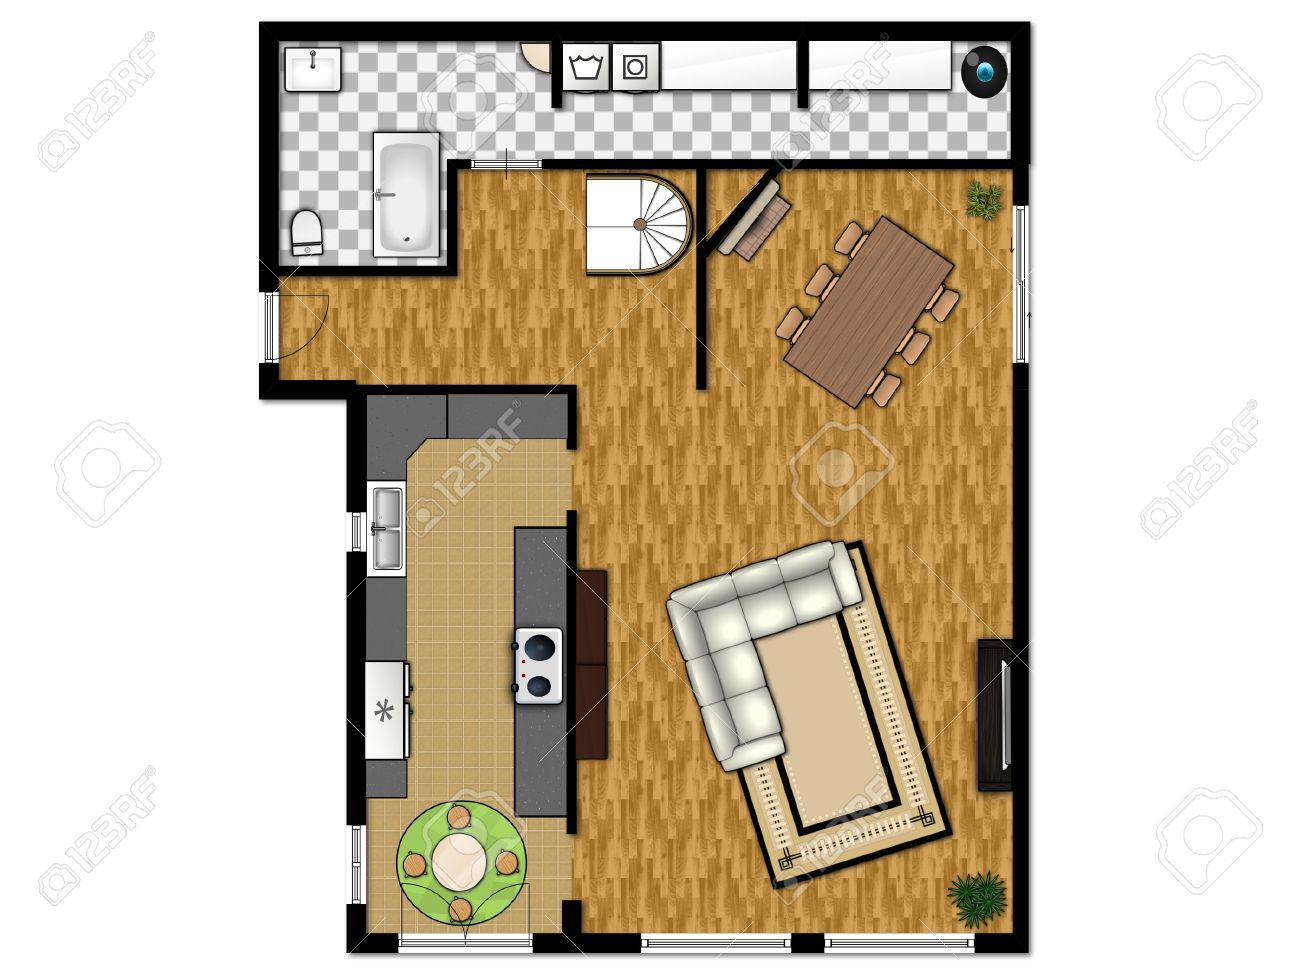 banque dimages plan dtage 2d du premier niveau avec cuisine salon salle de bains et buanderie